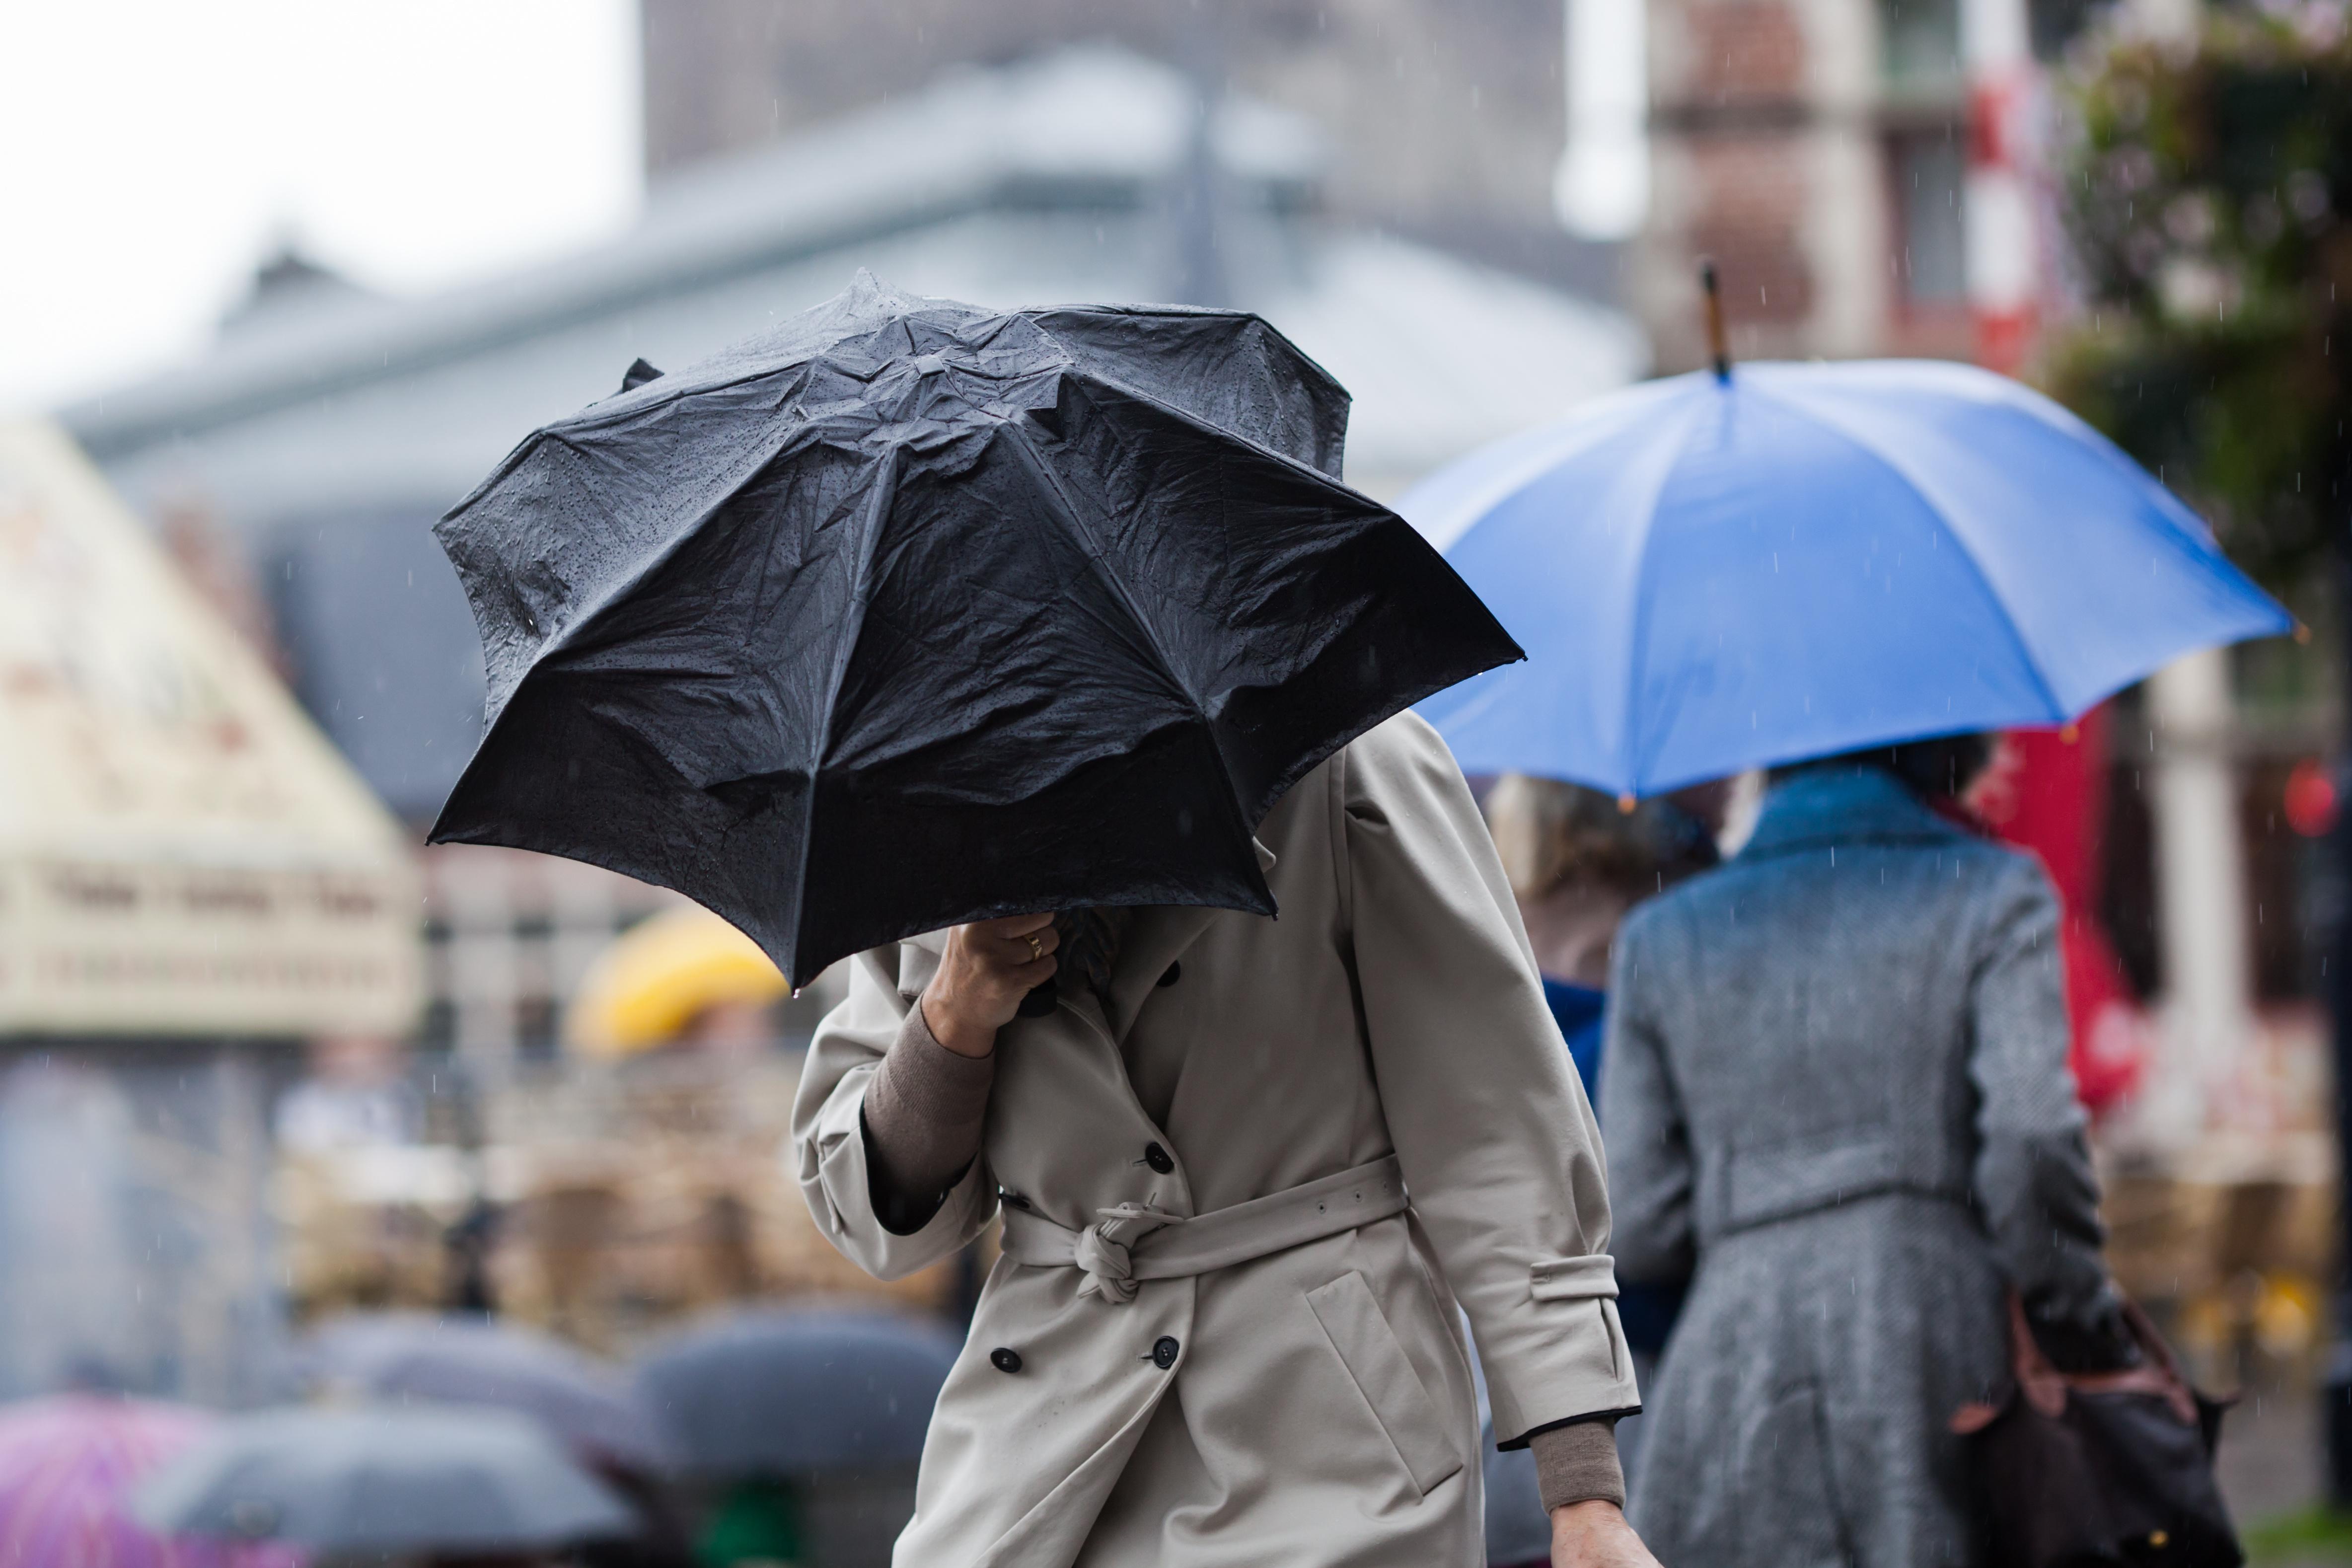 Prognoză meteo specială pentru Bucureşti: Temperaturile minime scad până la 13 grade